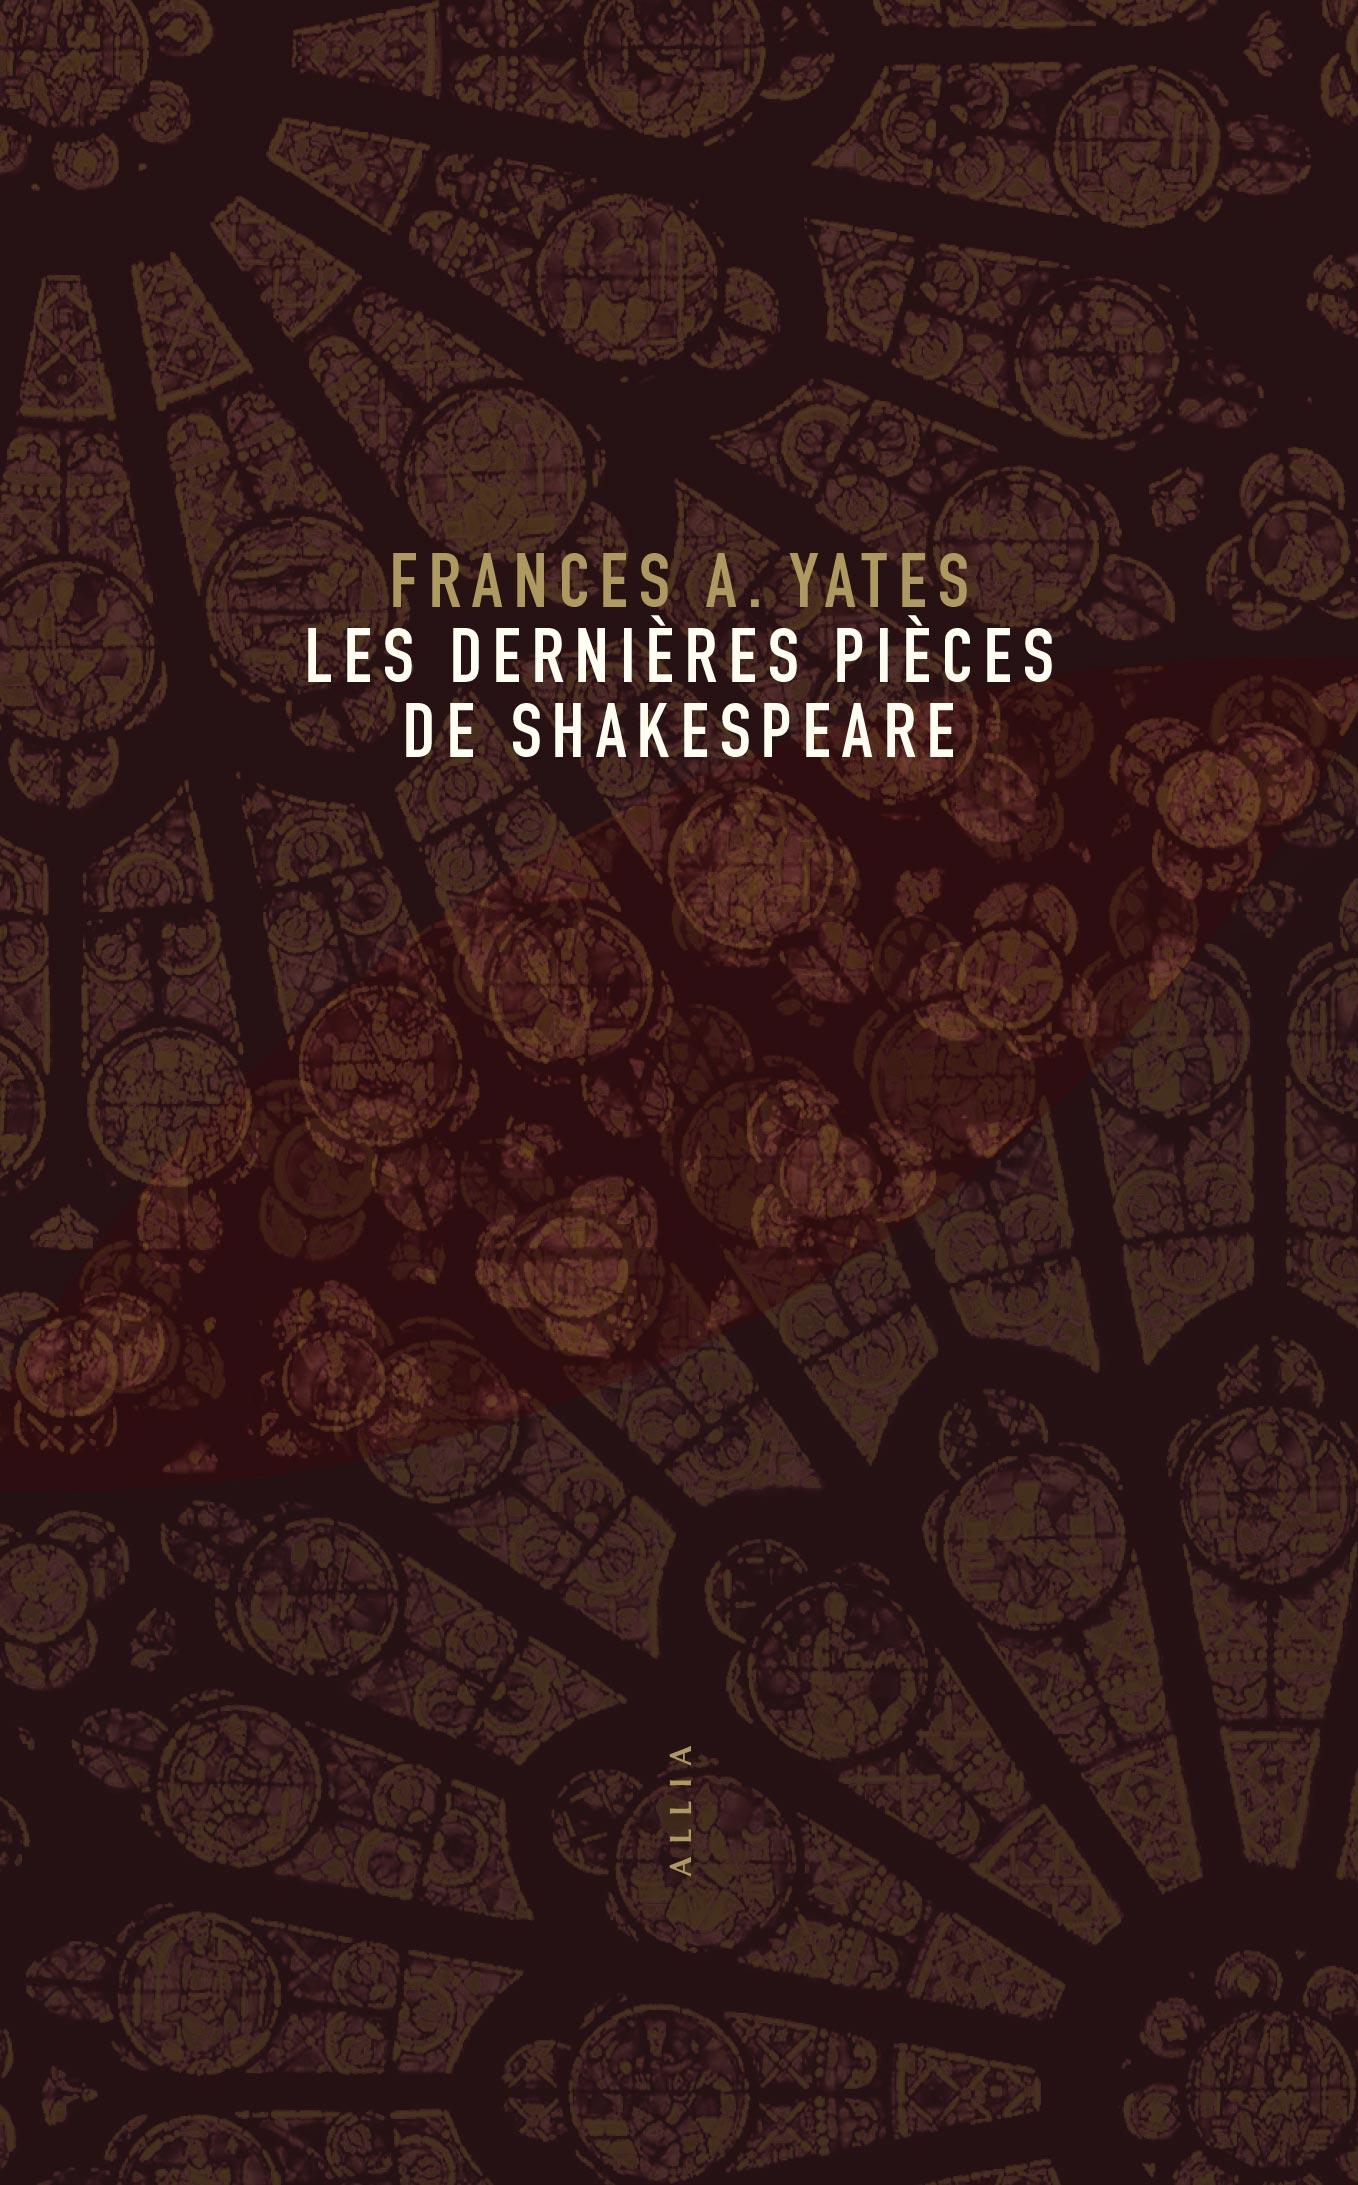 F.A. Yates, Les dernières pièces de Shakespeare